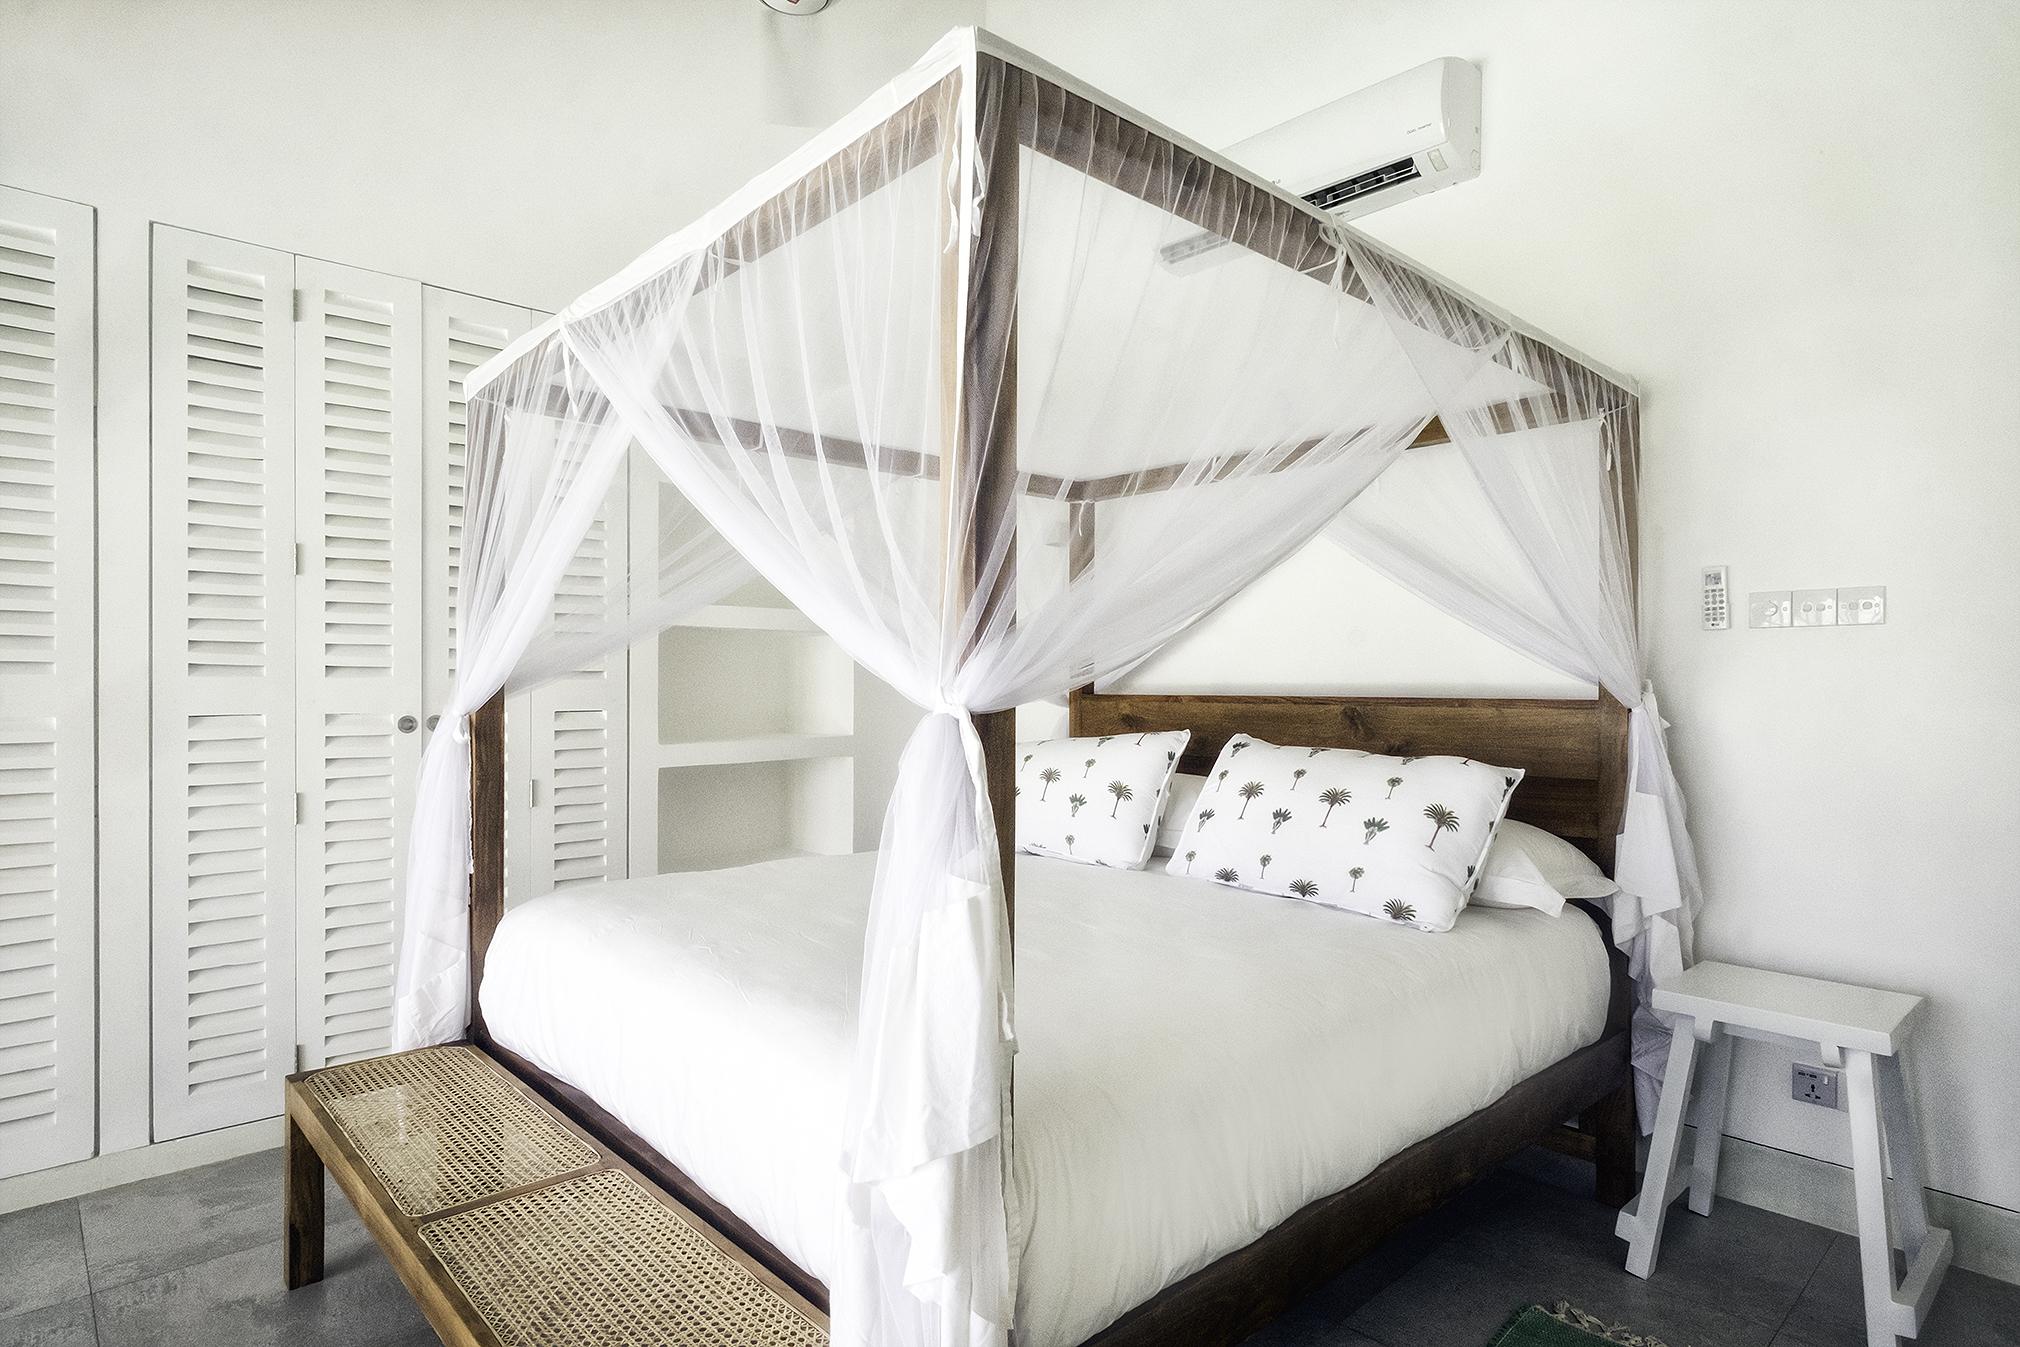 Bedroom 1 with ocean view